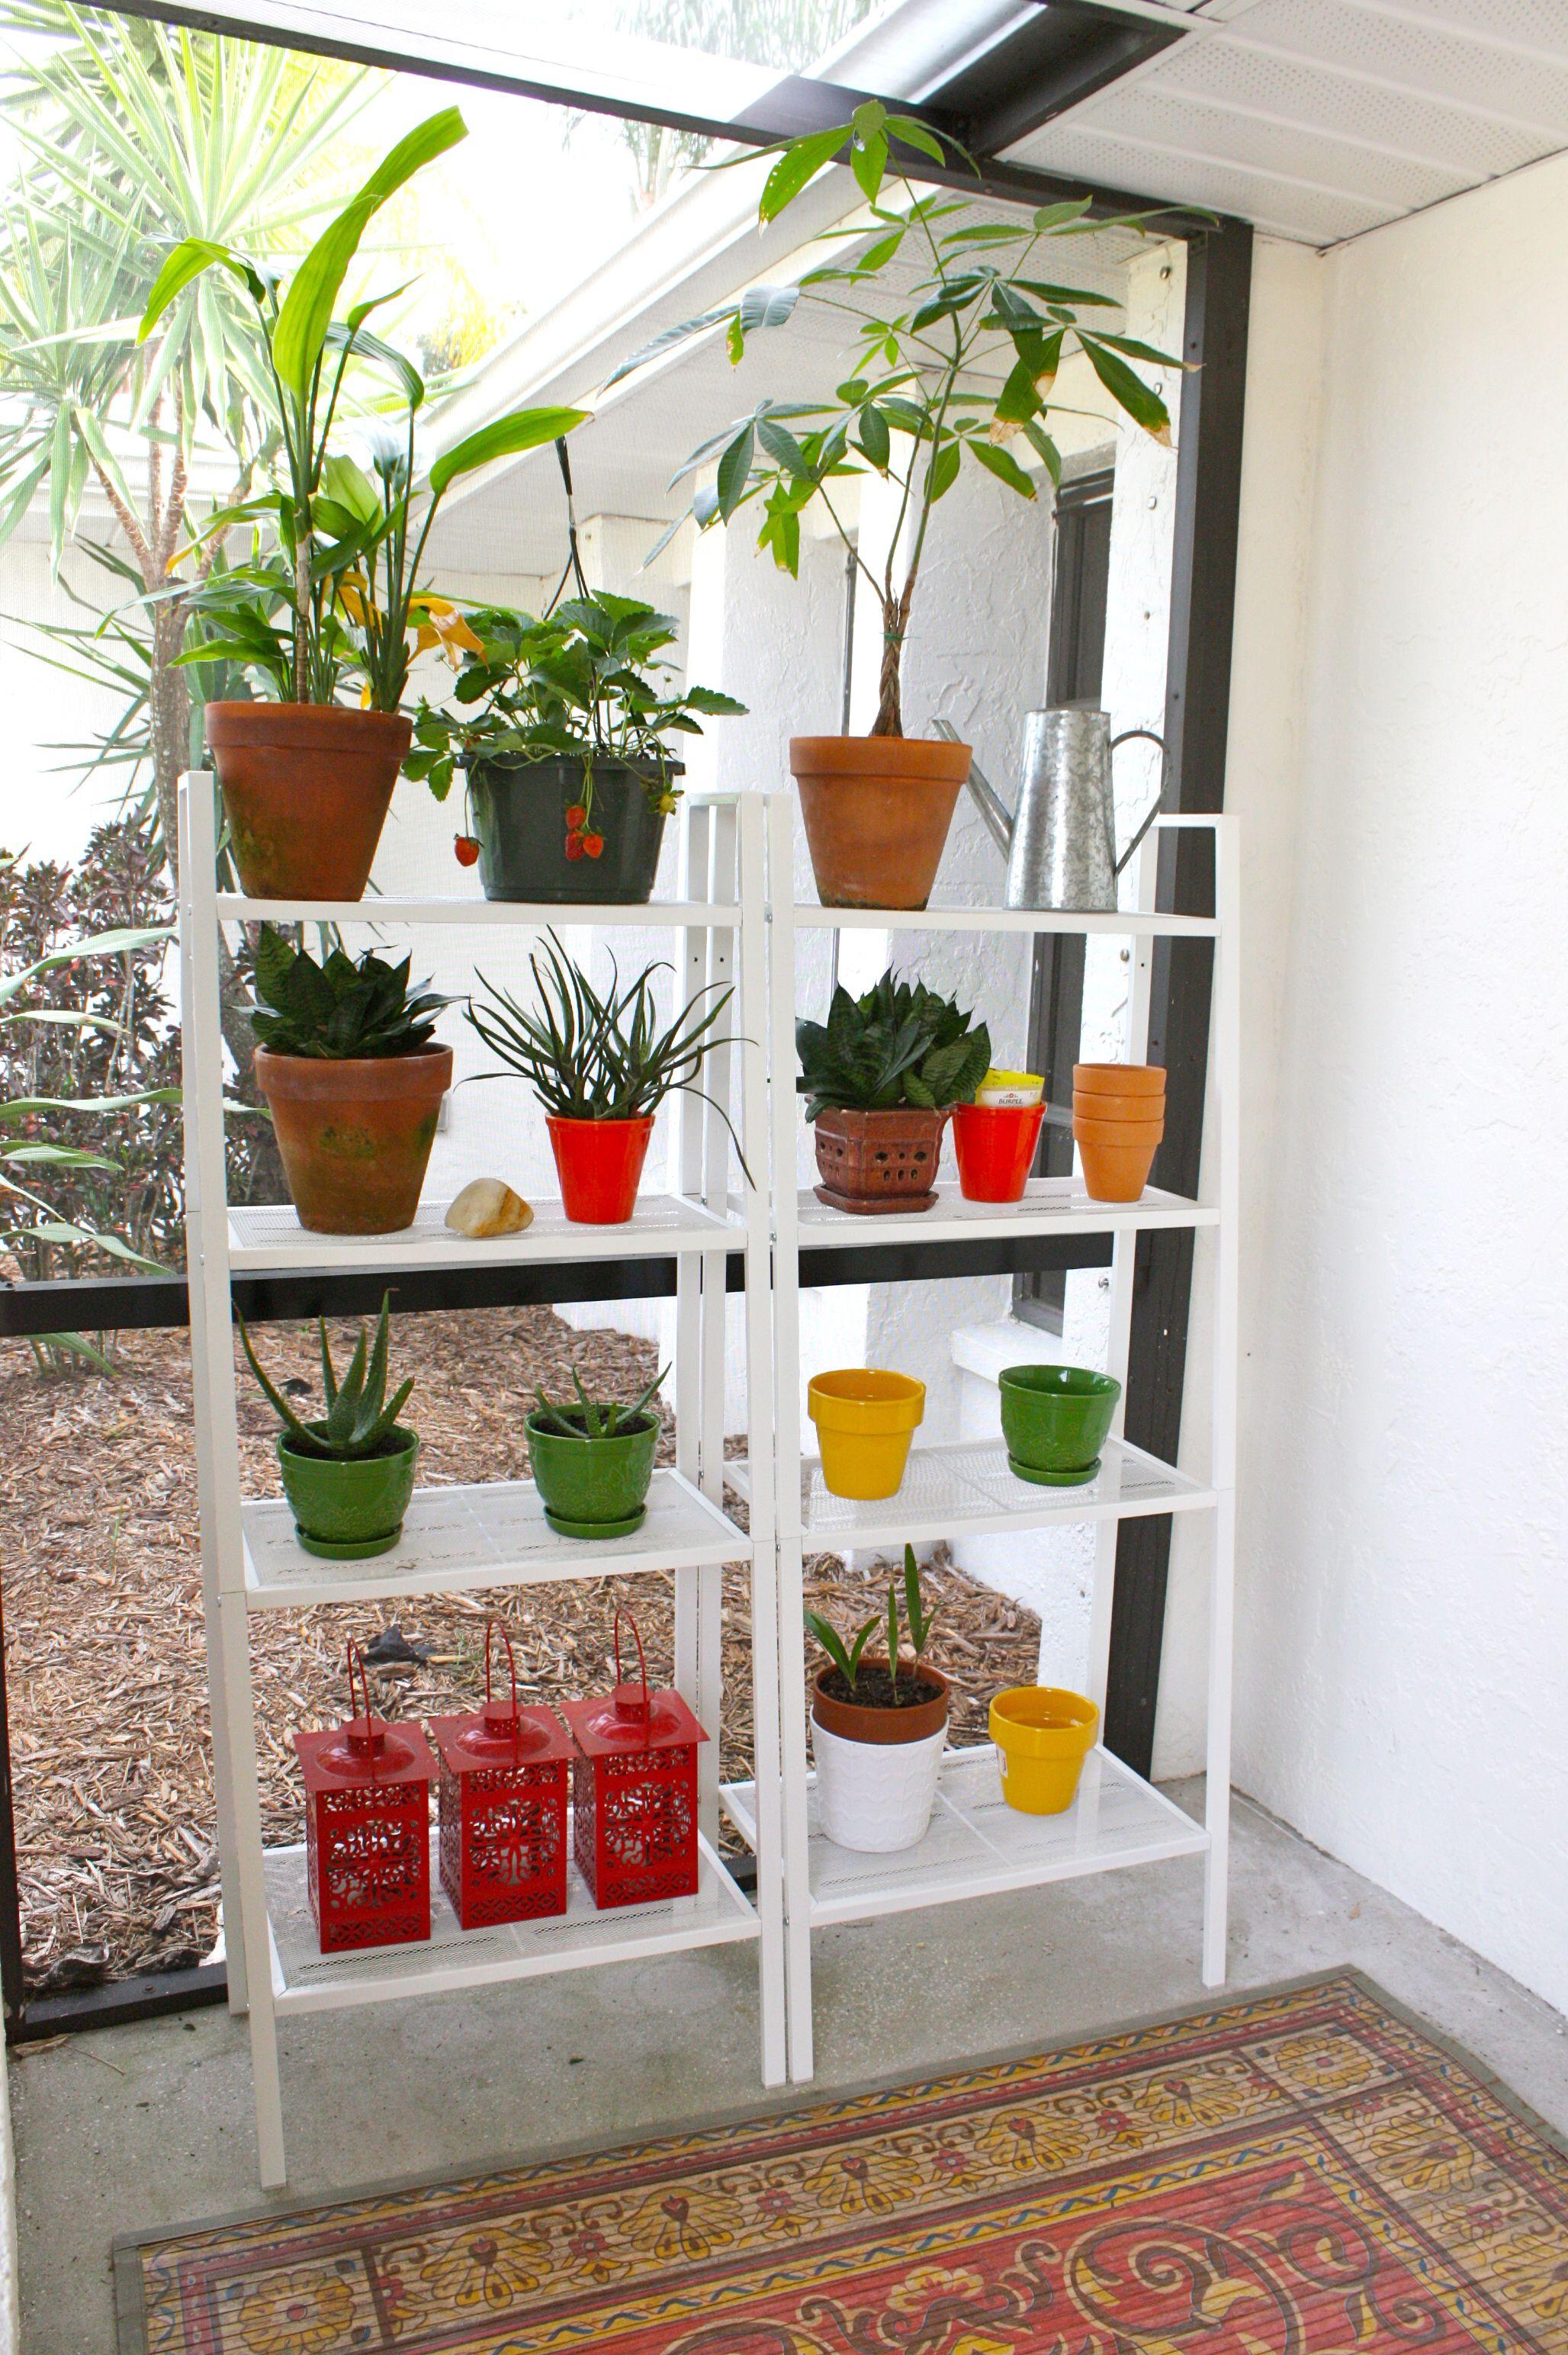 Outdoor Ikea Lerberg Shelves Interieur Inspiratie